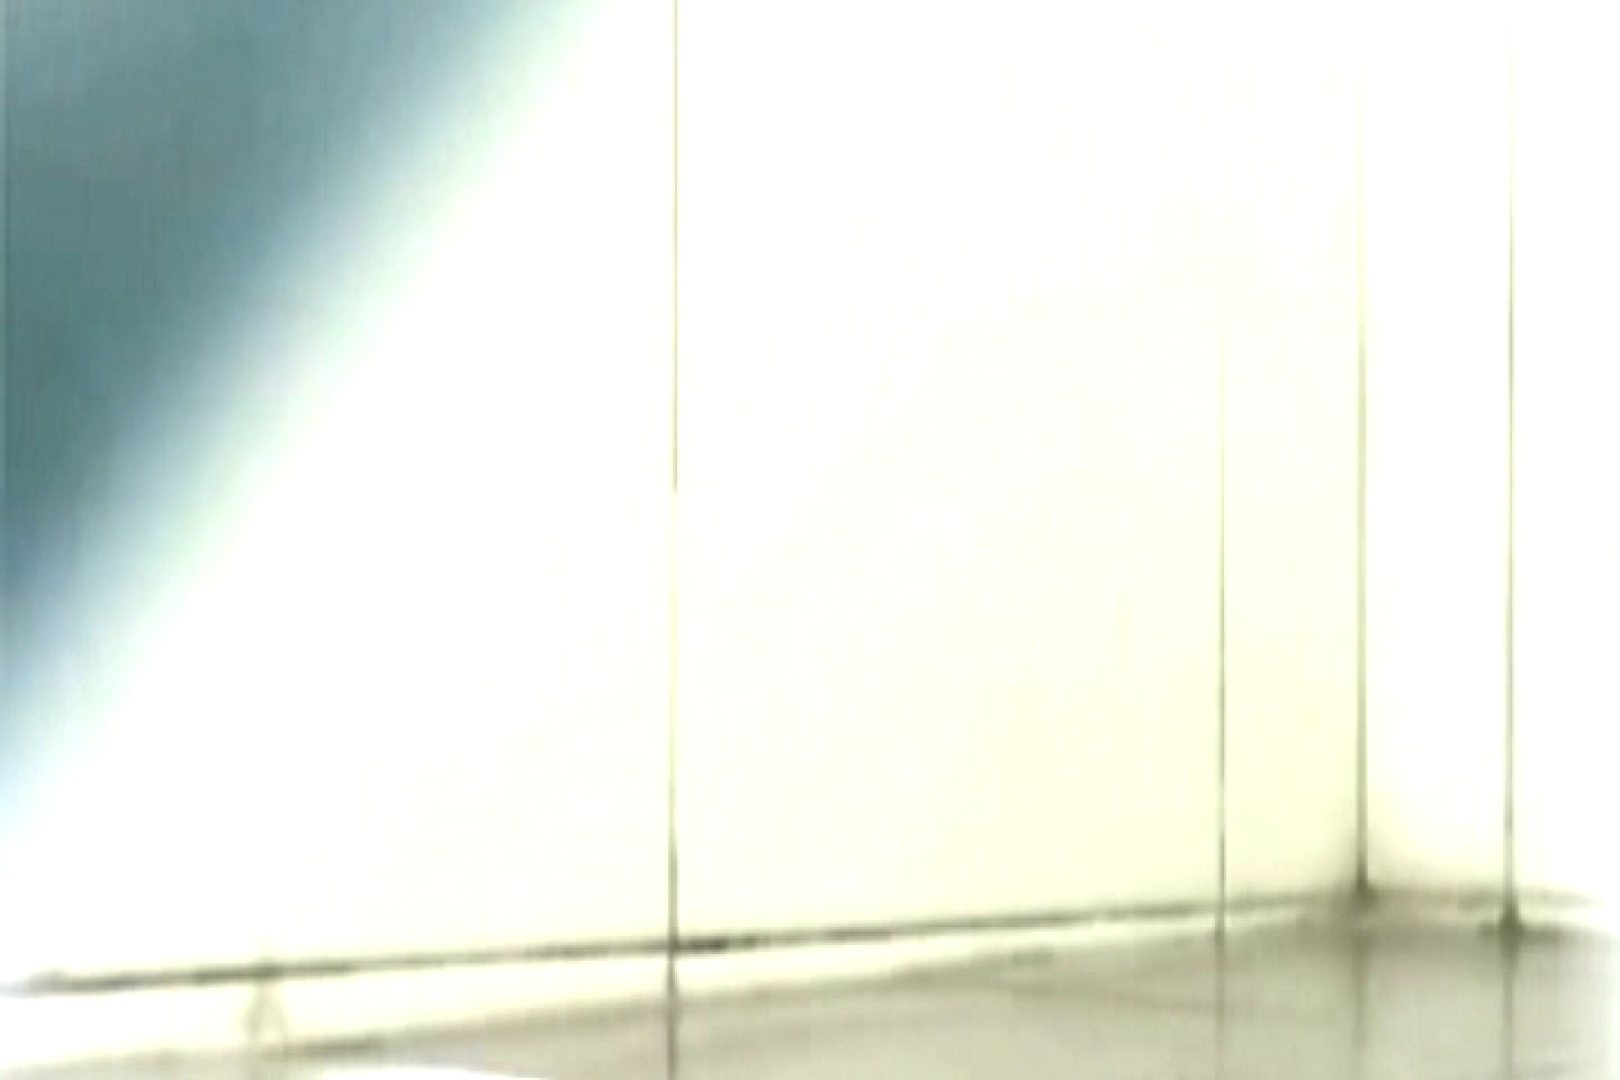 ぼっとん洗面所スペシャルVol.10 丸見え 盗撮オマンコ無修正動画無料 61画像 44